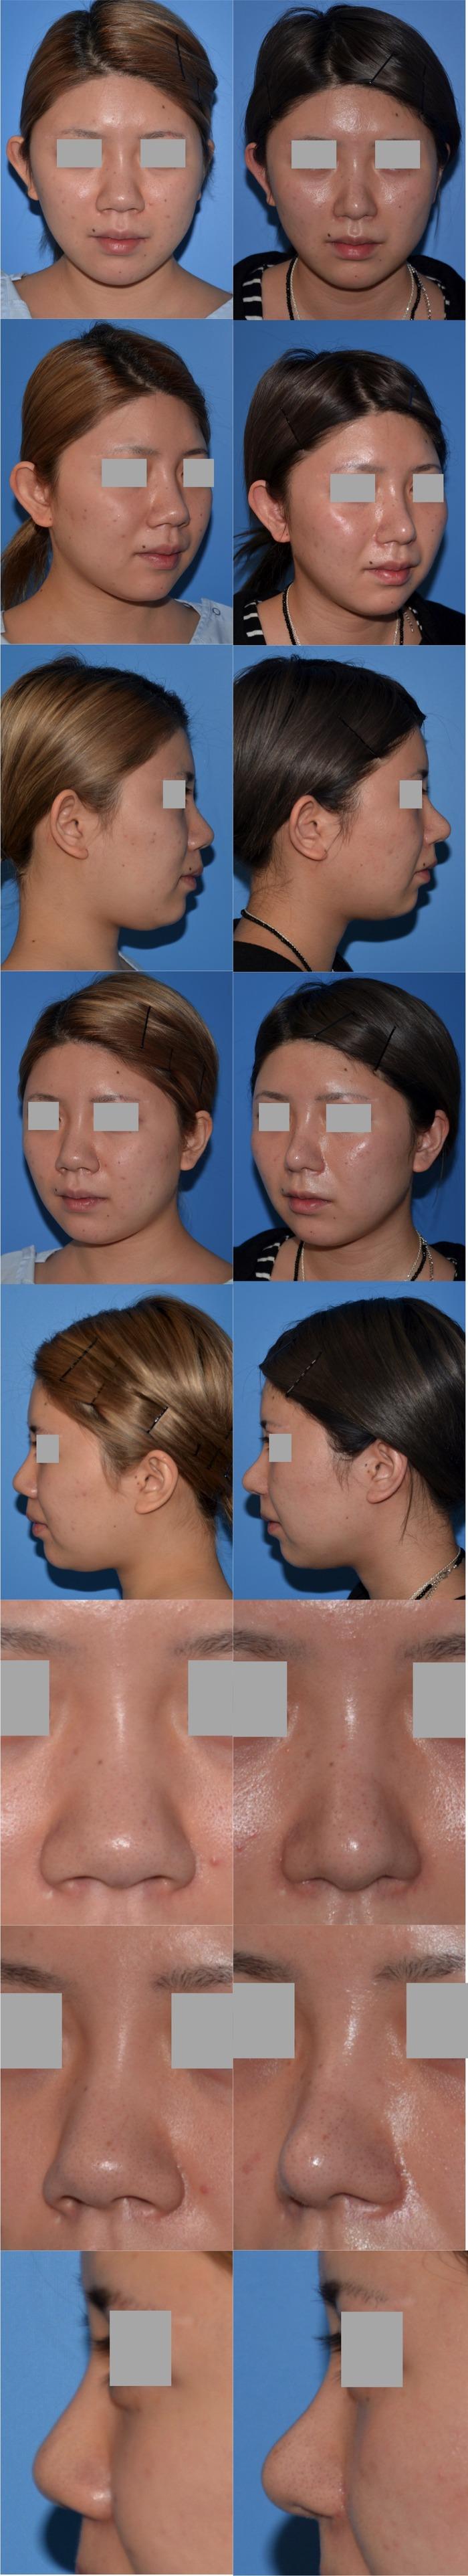 鼻中隔延長術 鼻骨骨切り術 鼻翼縮小術